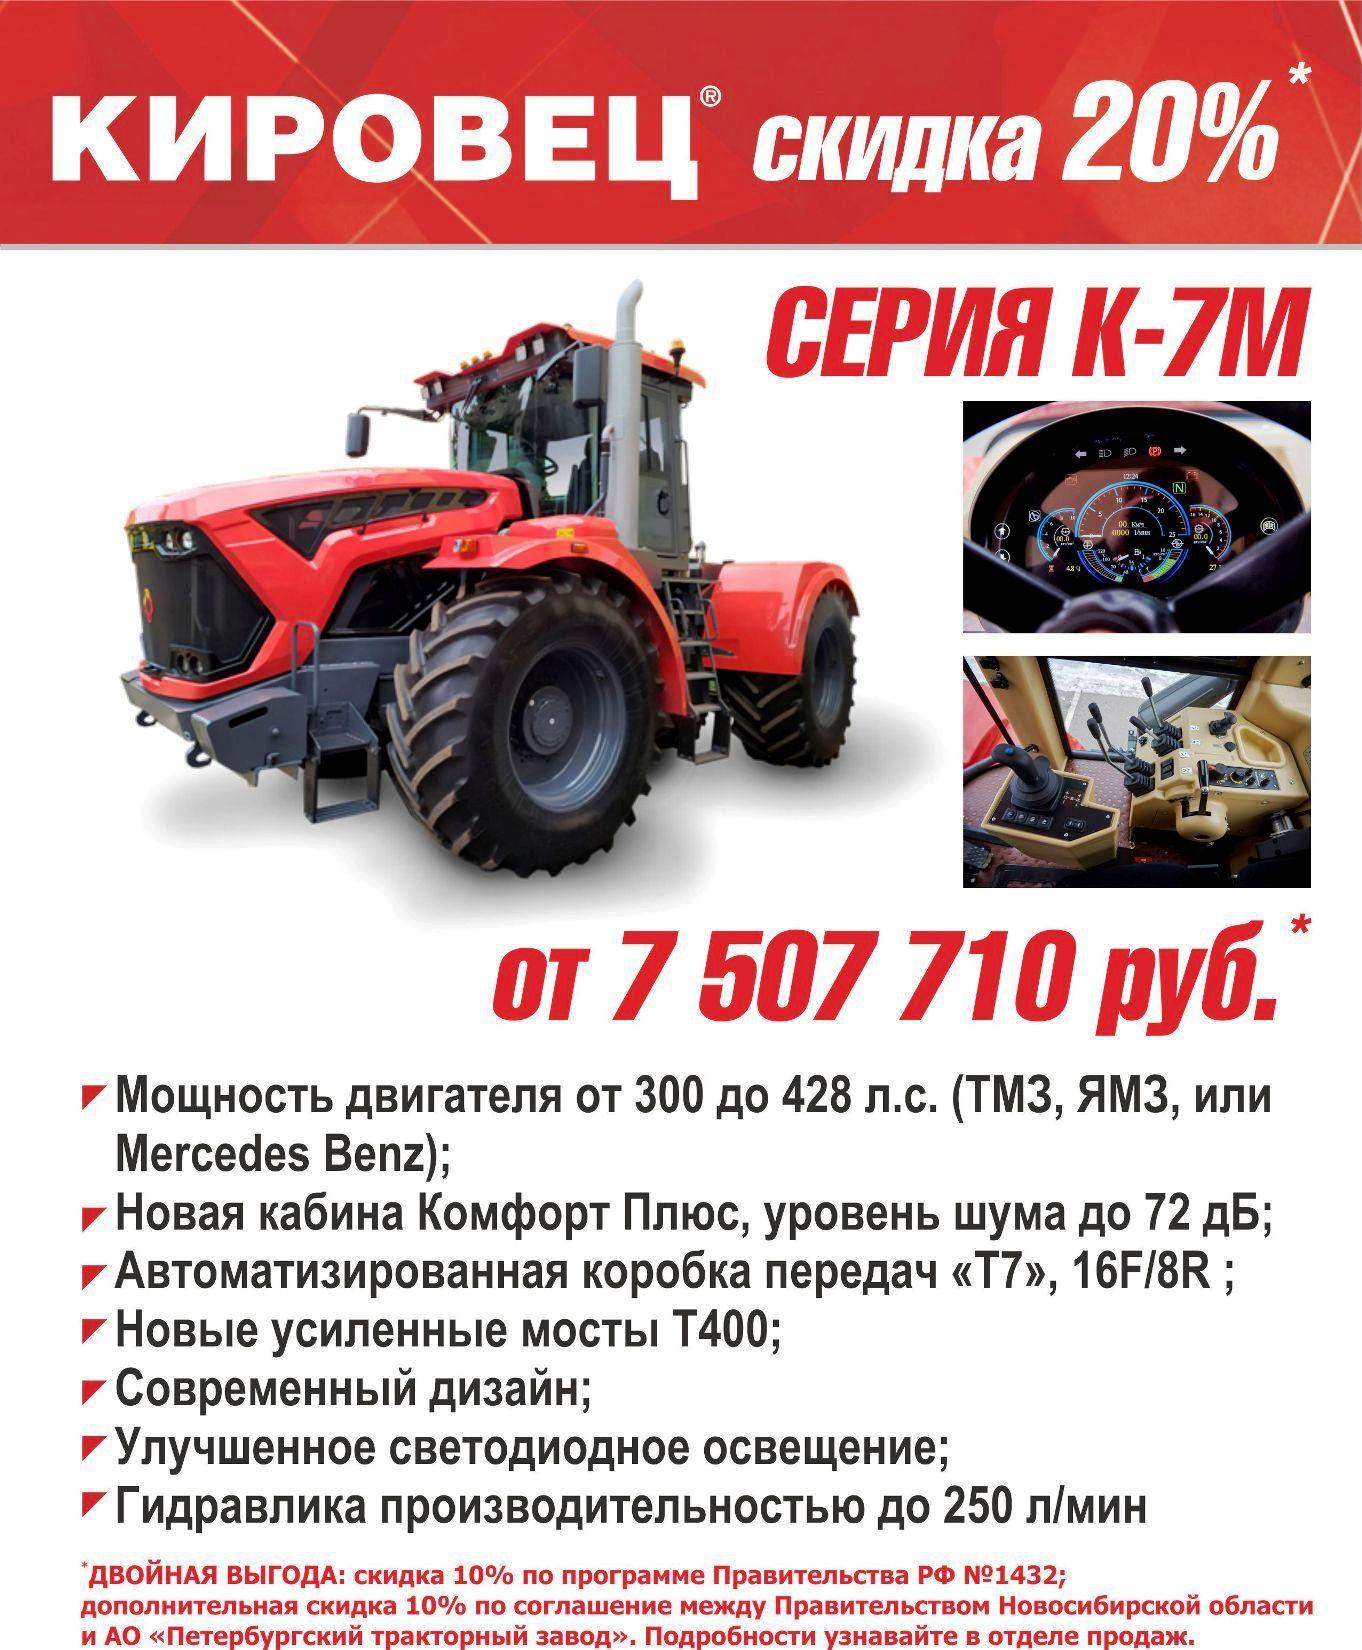 Скидка 20% на трактор КИРОВЕЦ серии К-7М в Новосибирской области